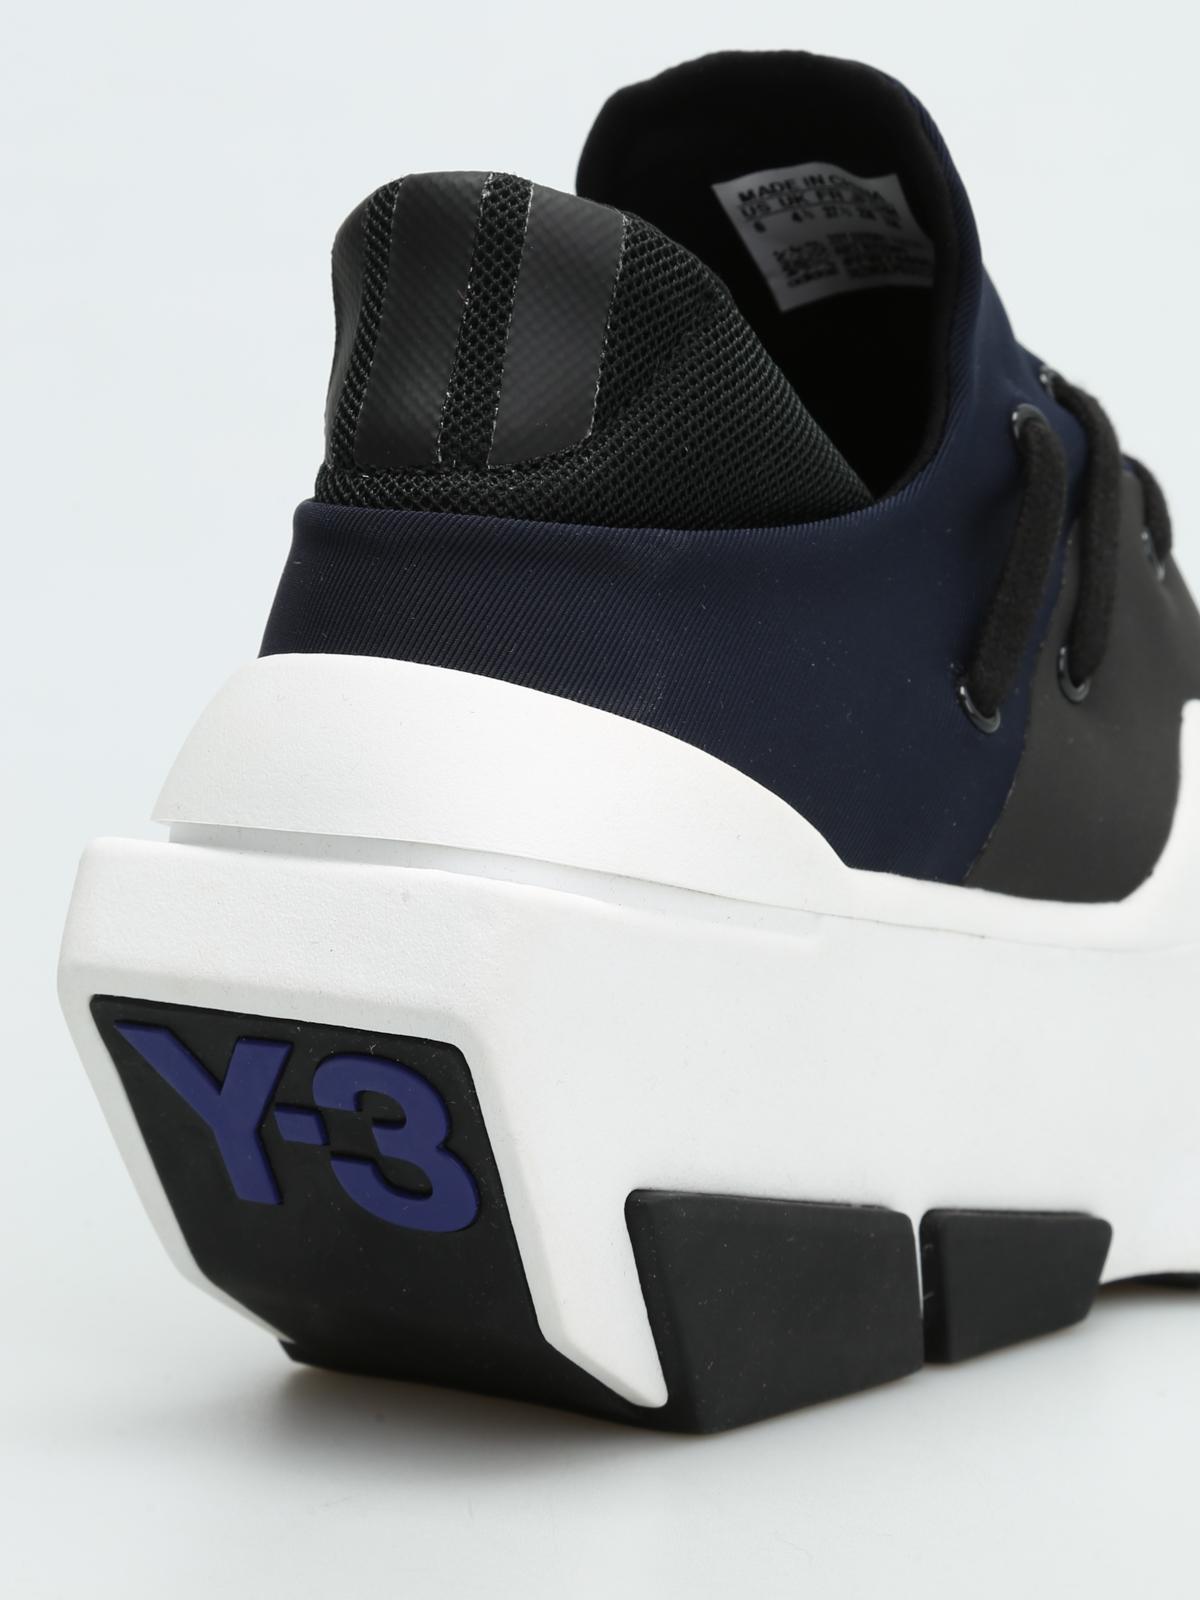 adidas y3 online shopping